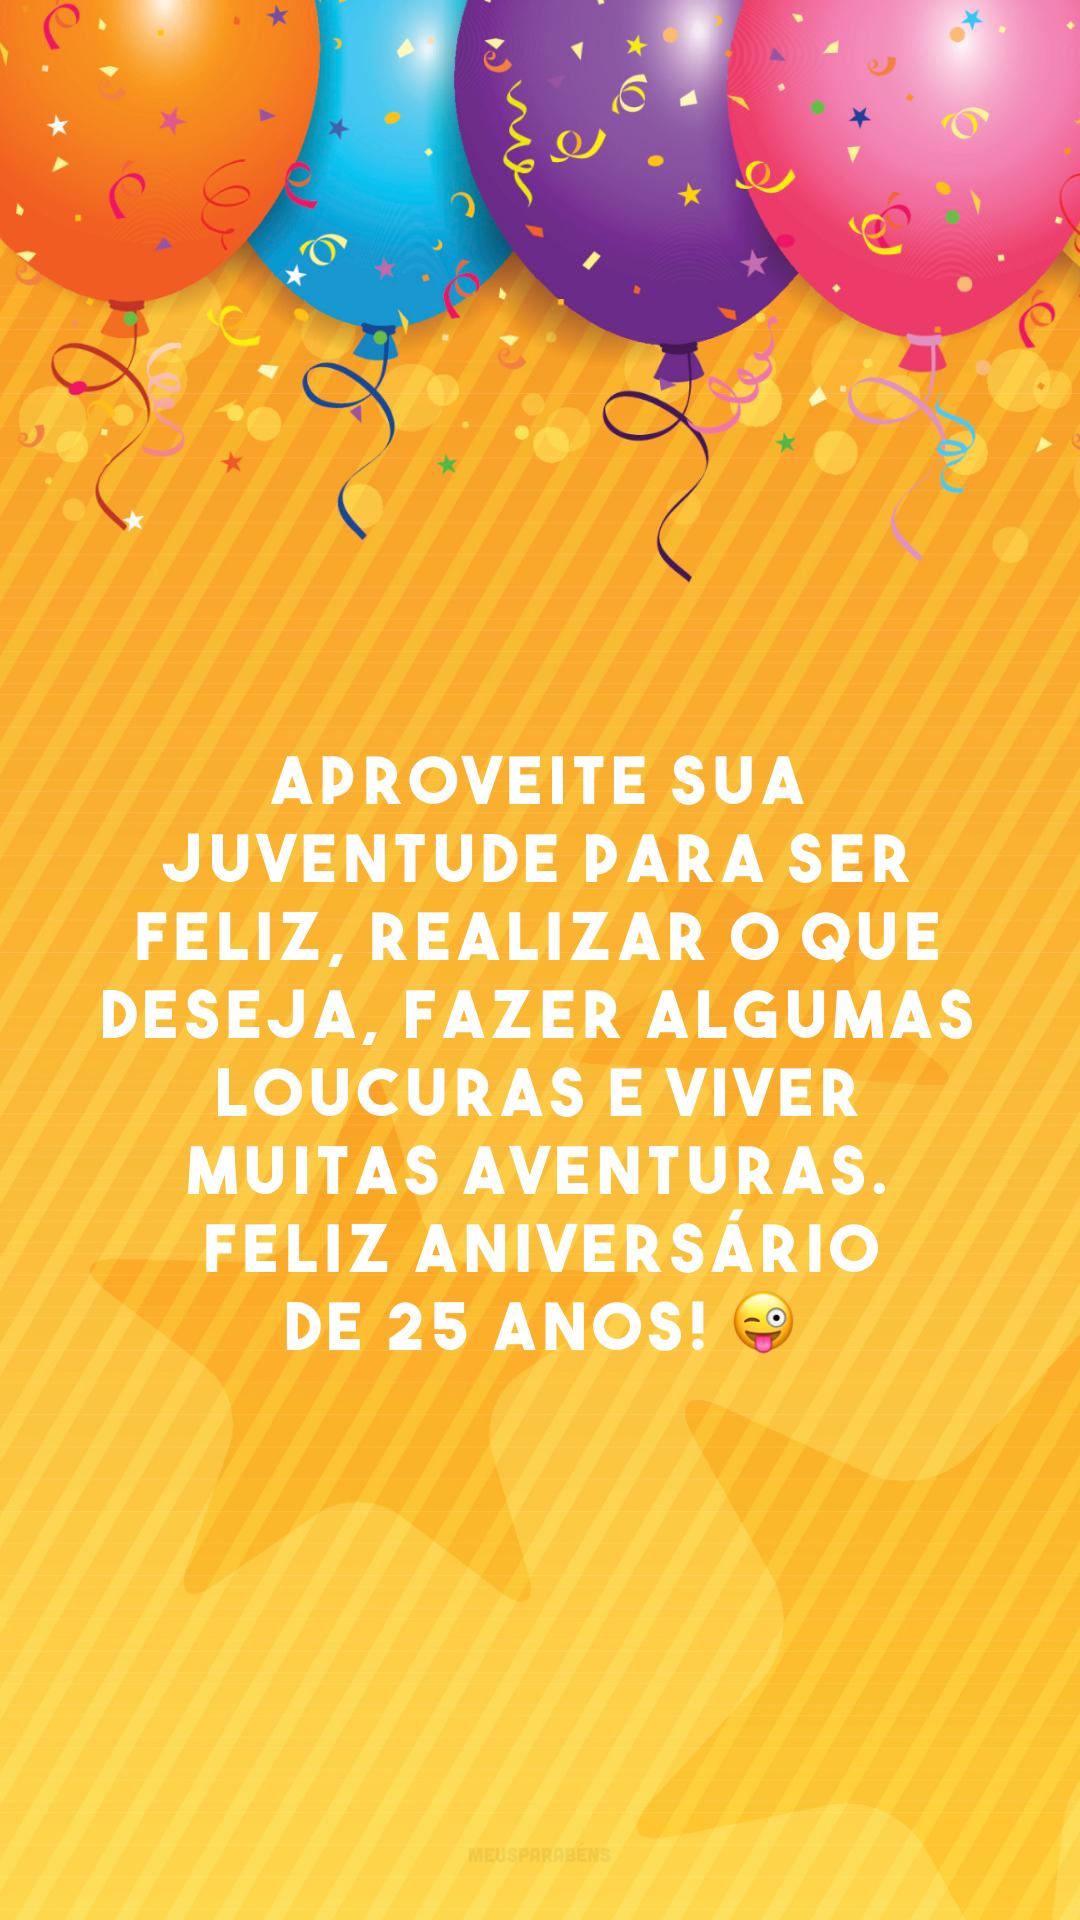 Aproveite sua juventude para ser feliz, realizar o que deseja, fazer algumas loucuras e viver muitas aventuras. Feliz aniversário de 25 anos! 😜